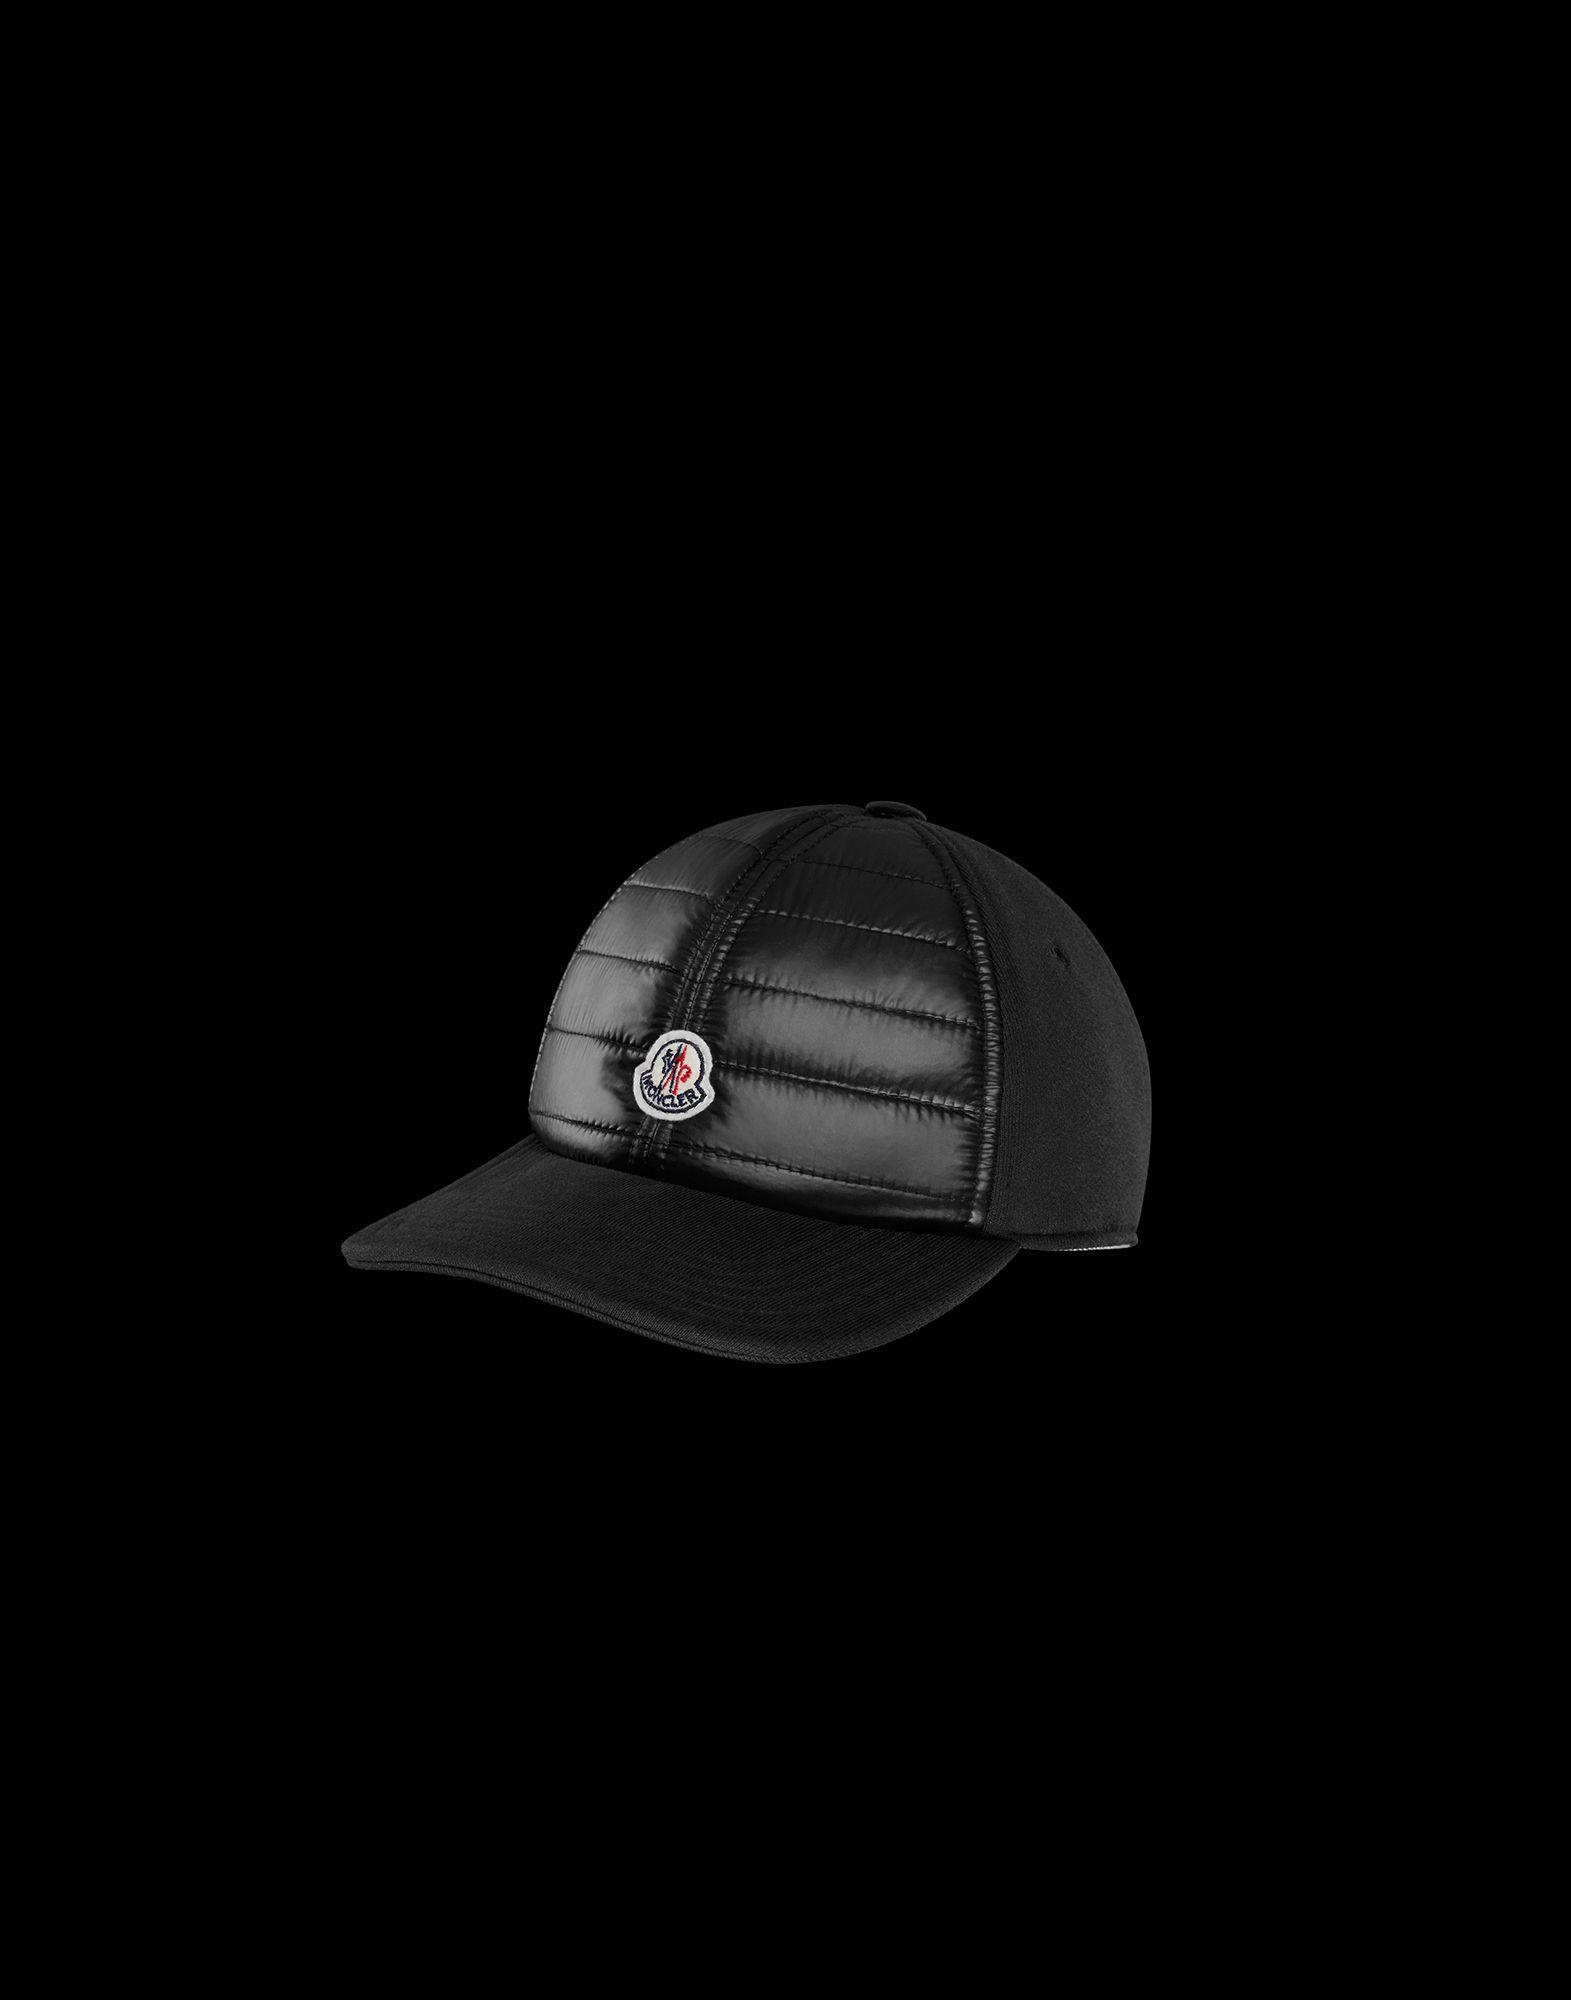 60bef9da4a7 Moncler Hat in Black for Men - Lyst